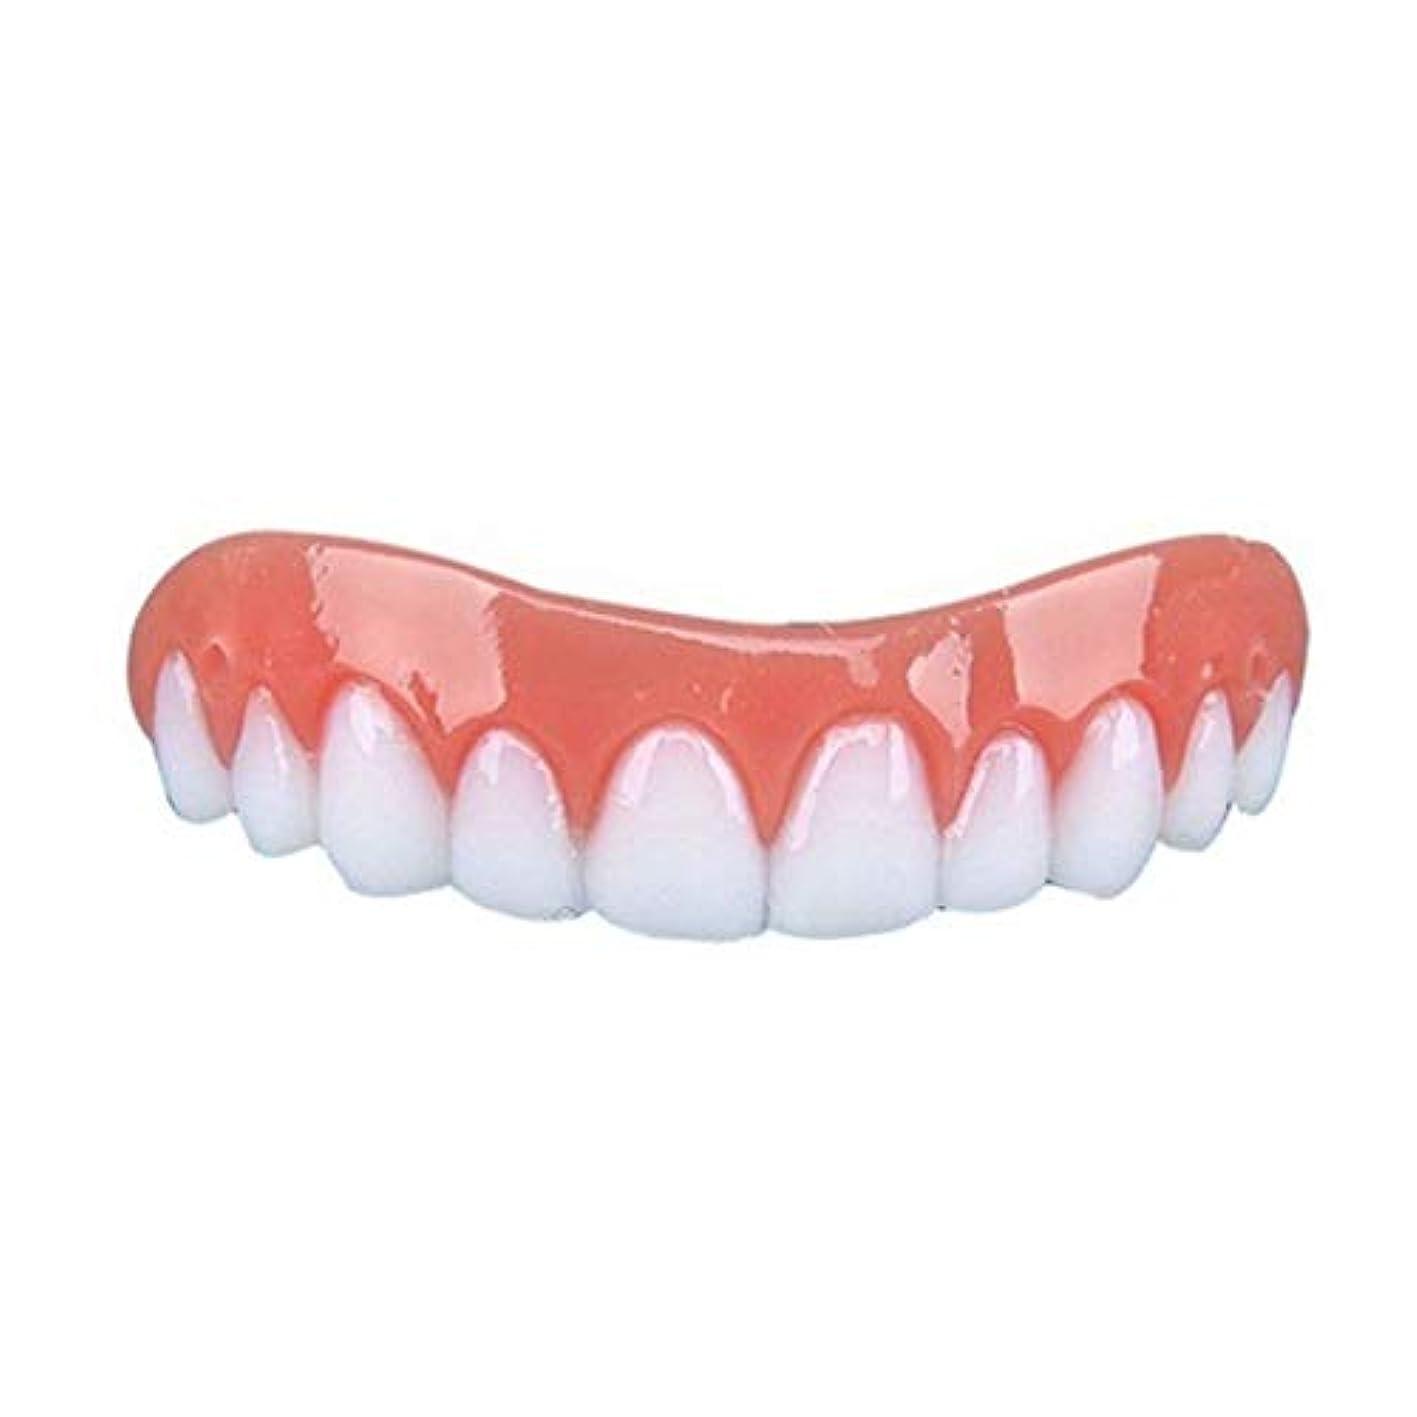 人オーナー表面Bartram 歯カバー シリコン義歯ペースト 上歯 笑顔を保つ 歯保護 美容用 入れ歯 矯正義歯